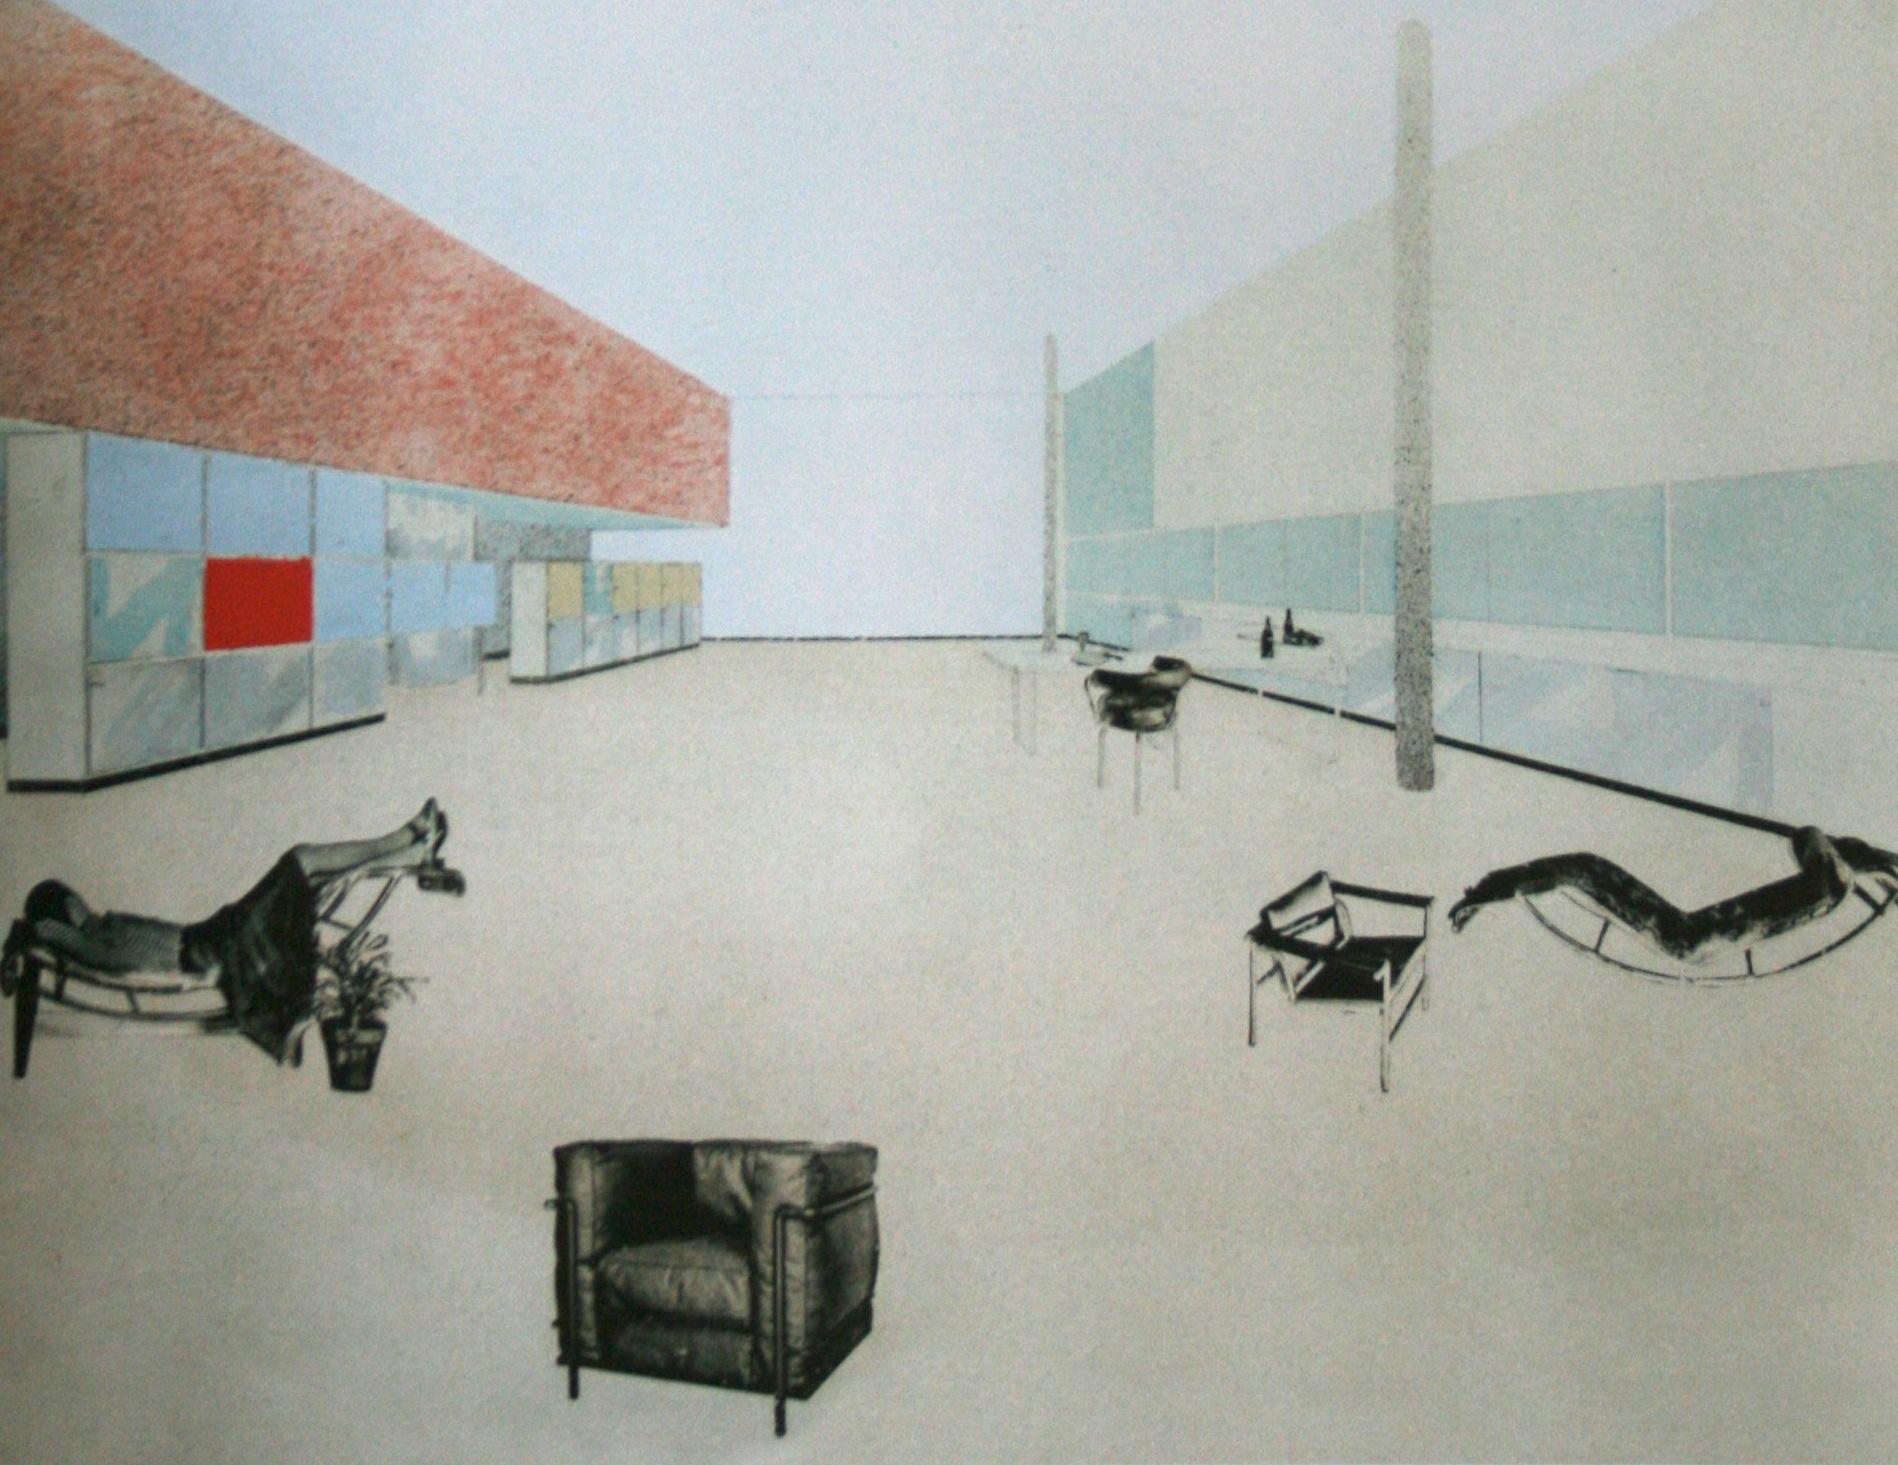 Photomontage pour le projet du stand l'Equipement Intérieur d'une habitation, présenté par Le Corbusier, Pierre Jeanneret et Charlotte Perriand au Salon d'automne, 1929